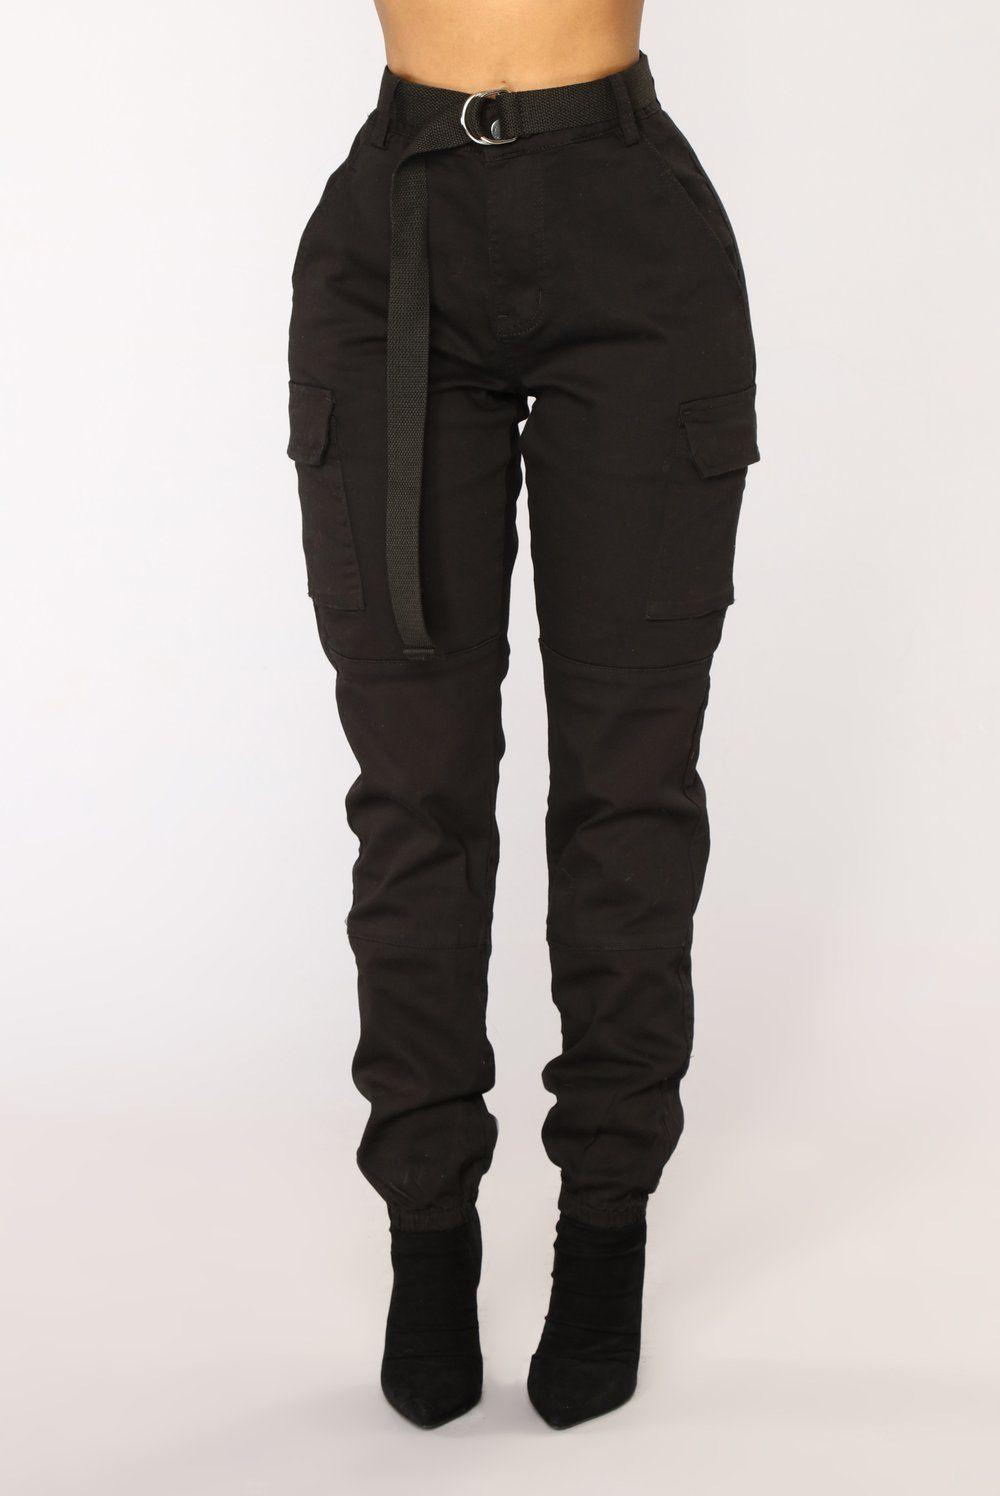 Cadet khloe oversized cargo pants black ss list of blatant